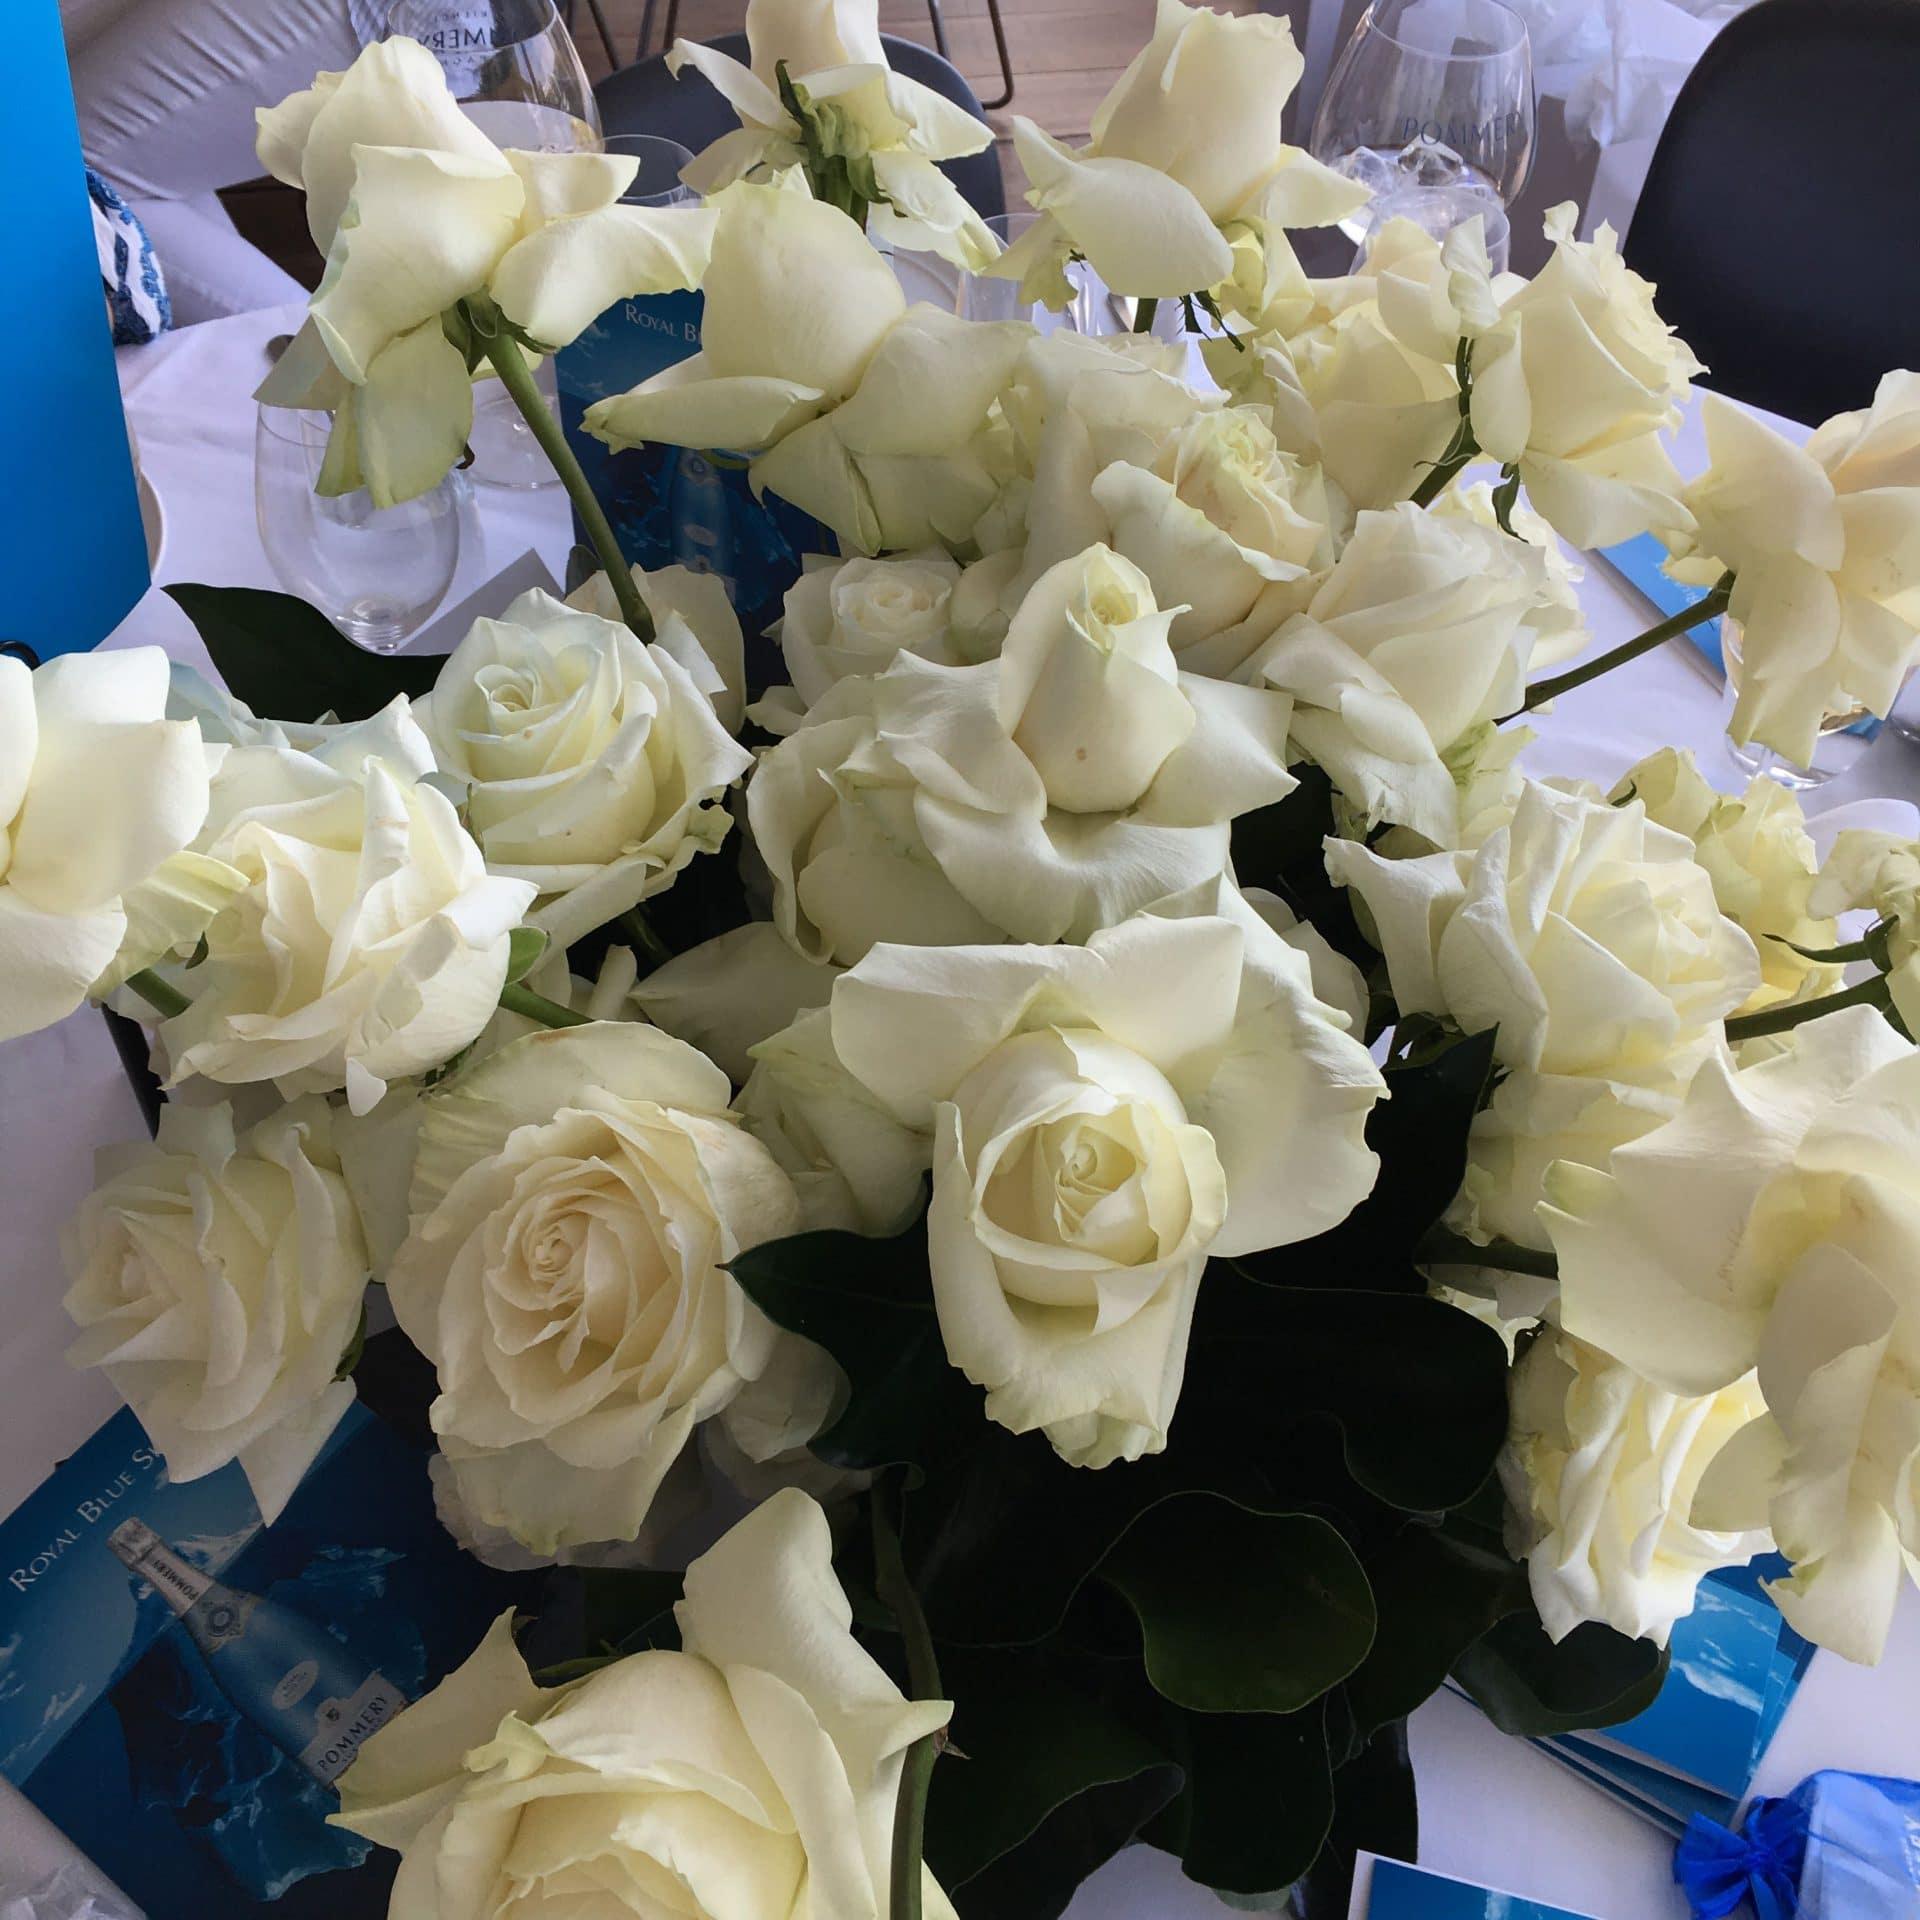 Roses at Catalina's